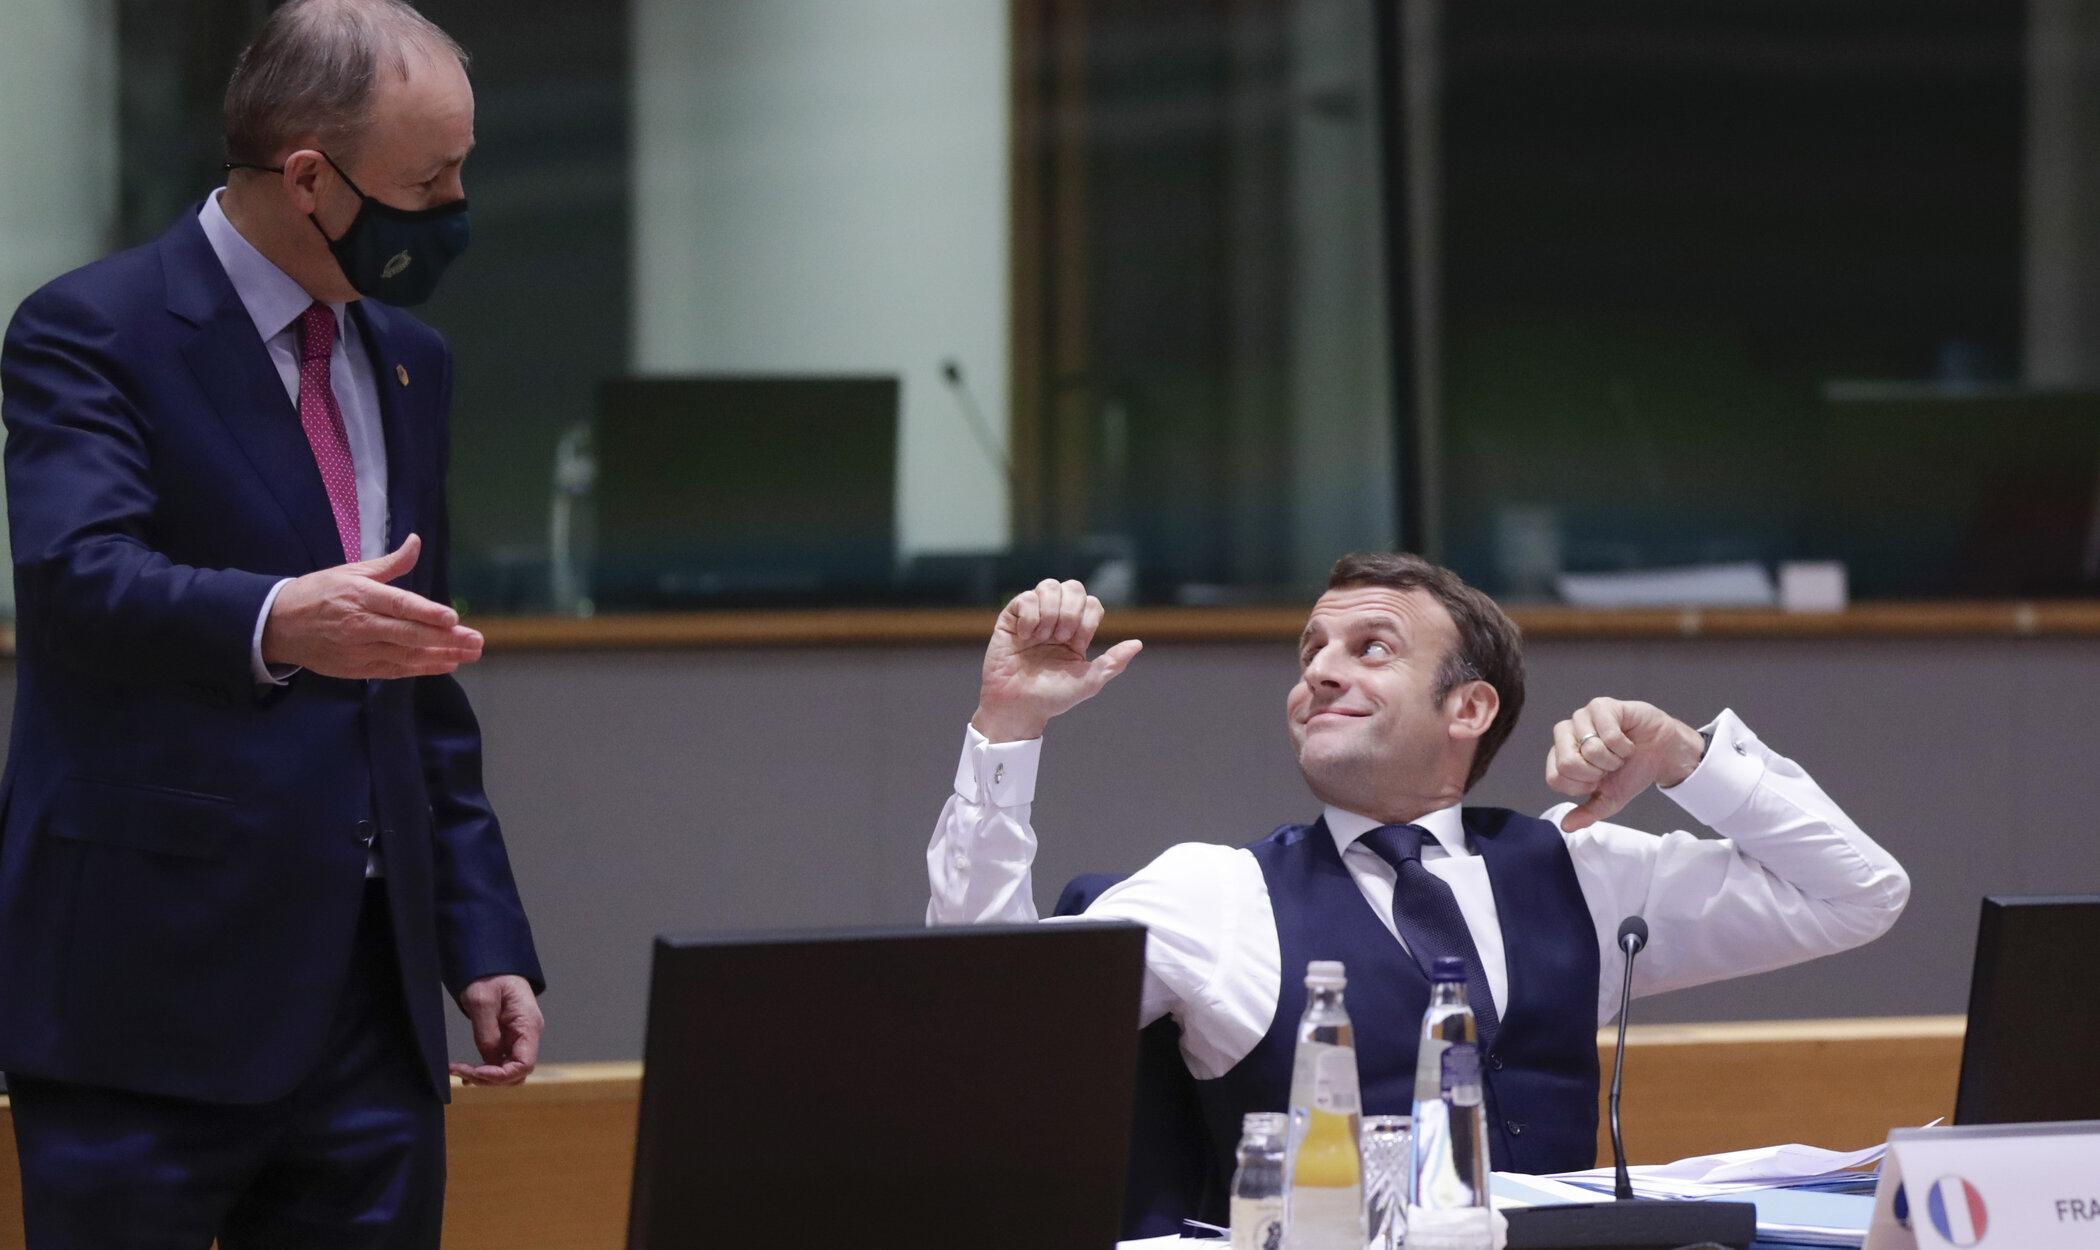 Cina politică organizată de Macron aseară a depășit cu mult limita de șase persoane. Astăzi a fost testat pozitiv pentru Covid-19